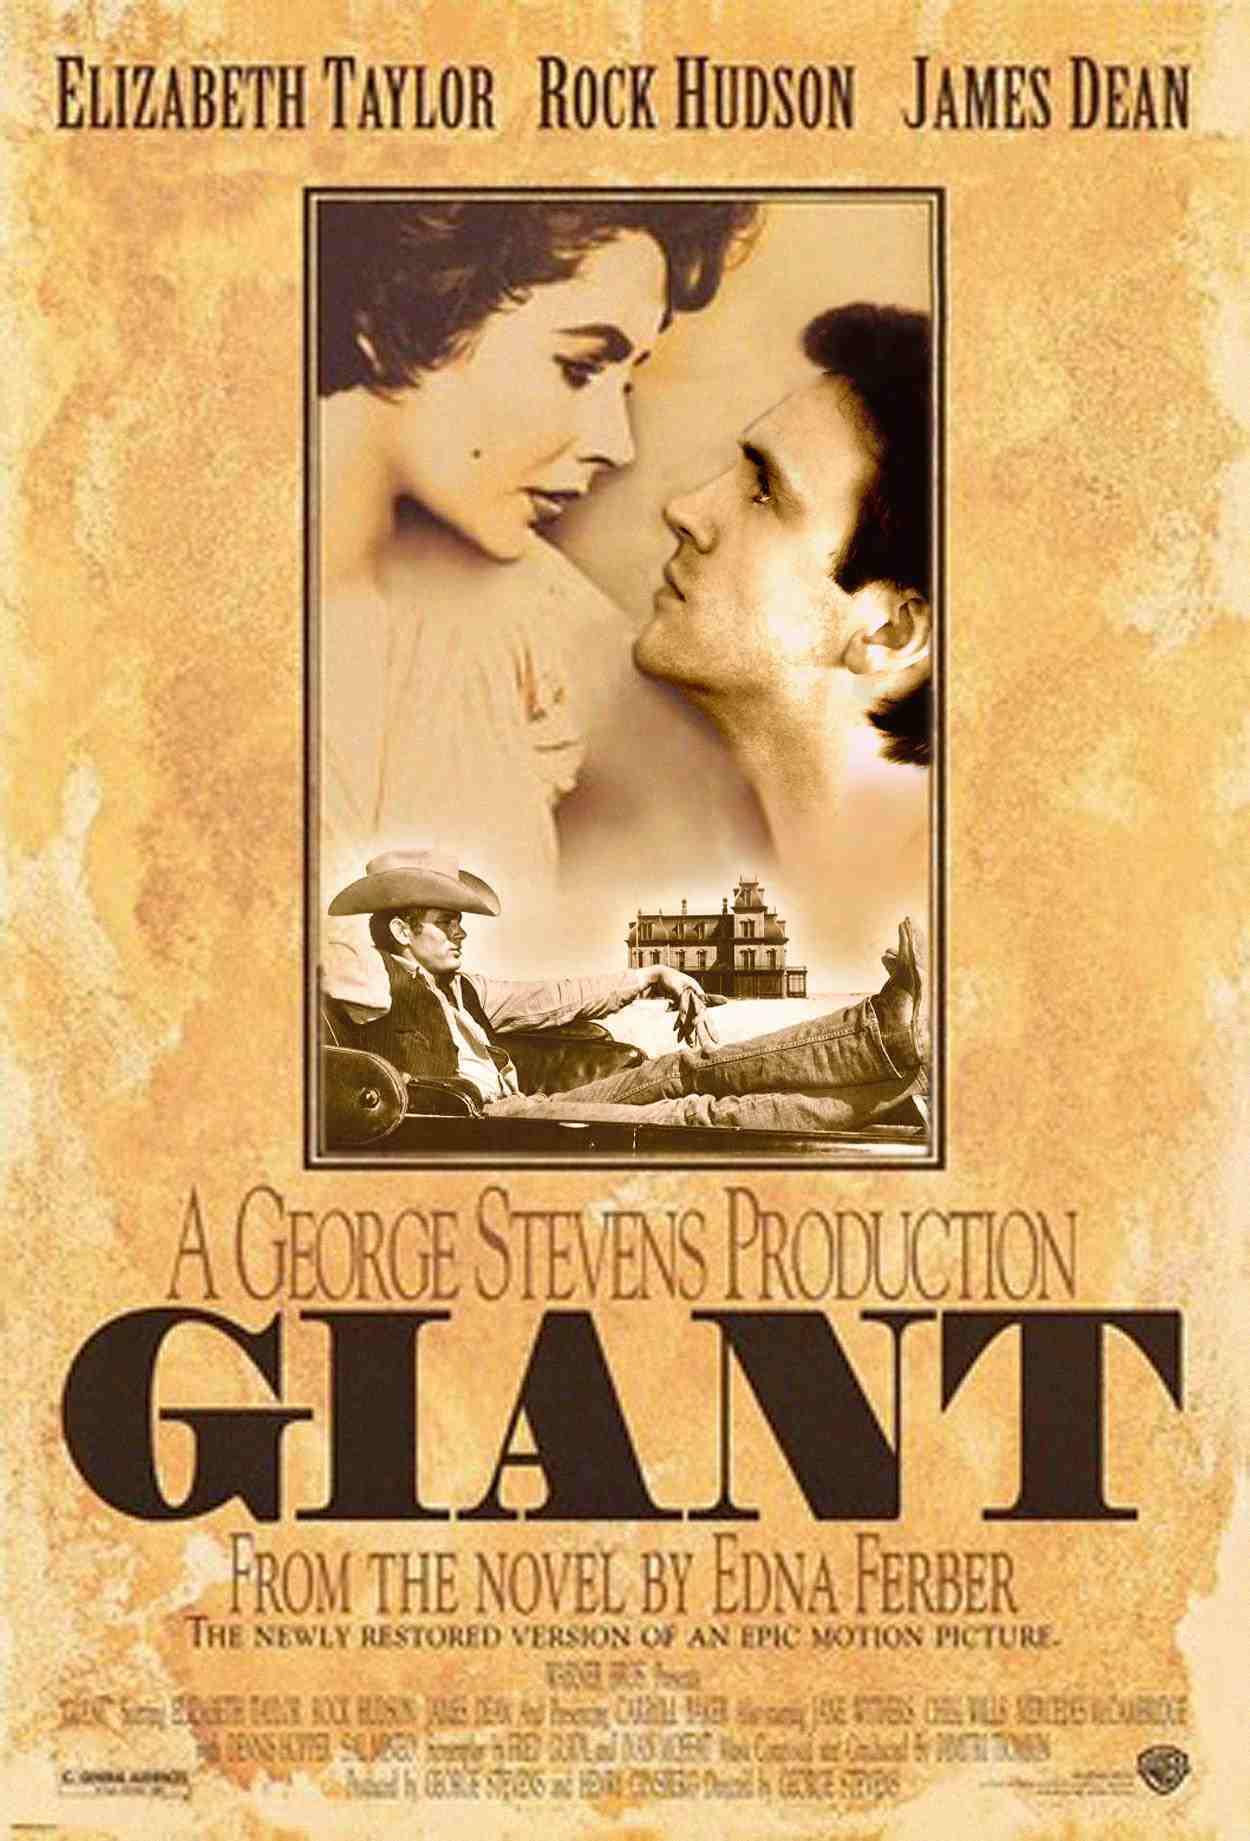 Giant-poster1.jpg